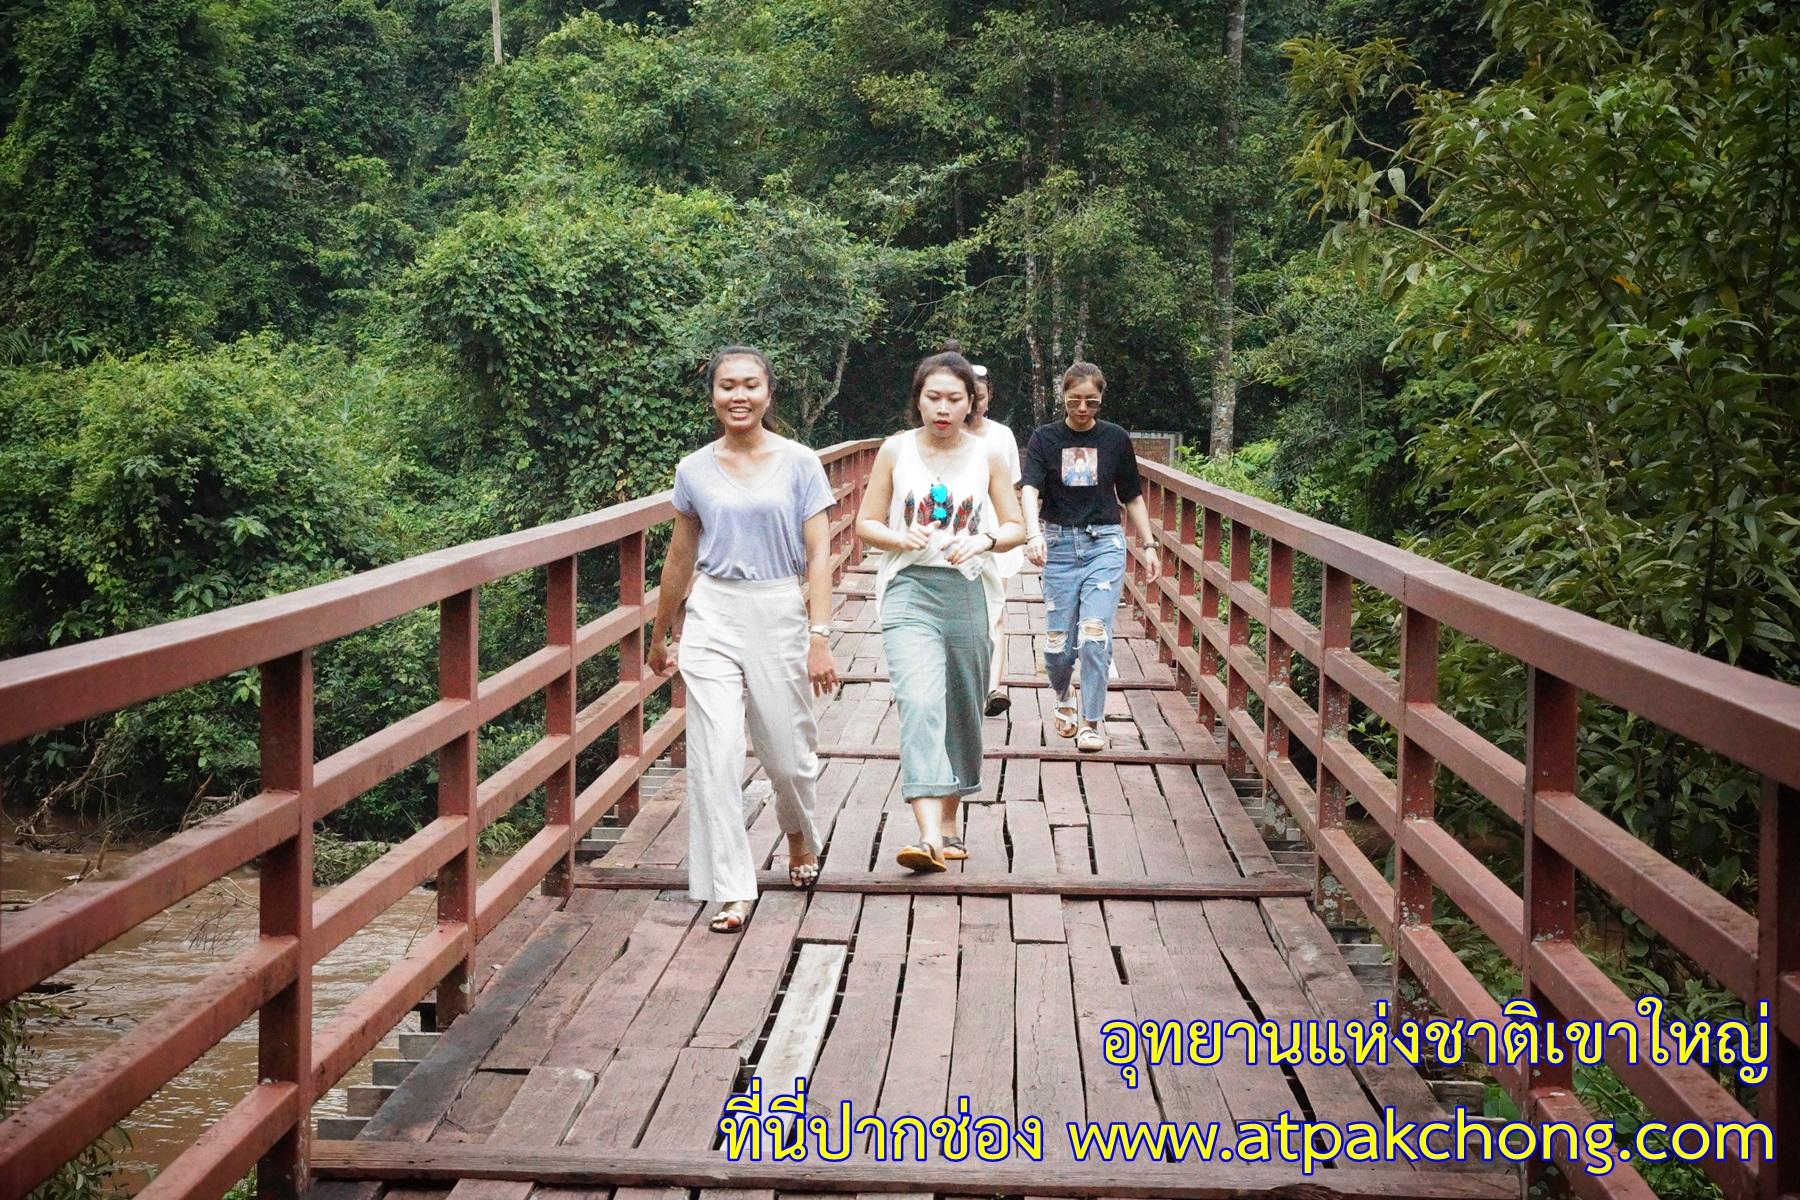 ข้ามสะพาน ทางเข้า น้ำตกเหวนรก อุทยานแห่งชาติเขาใหญ่